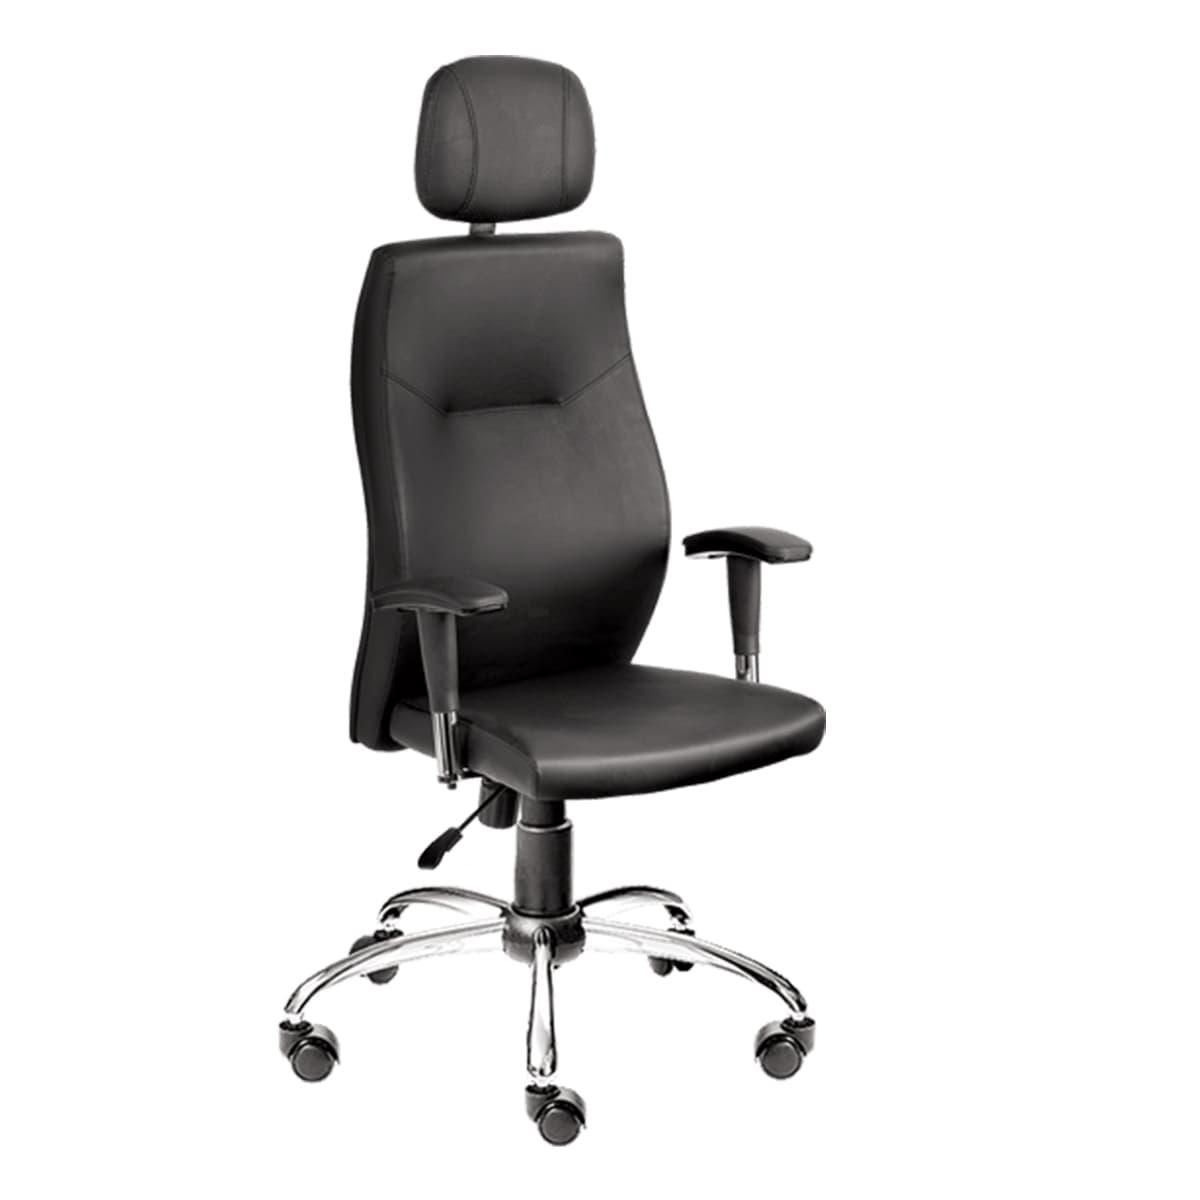 صندلی مدیریتی تیراژه مدل 600 JA